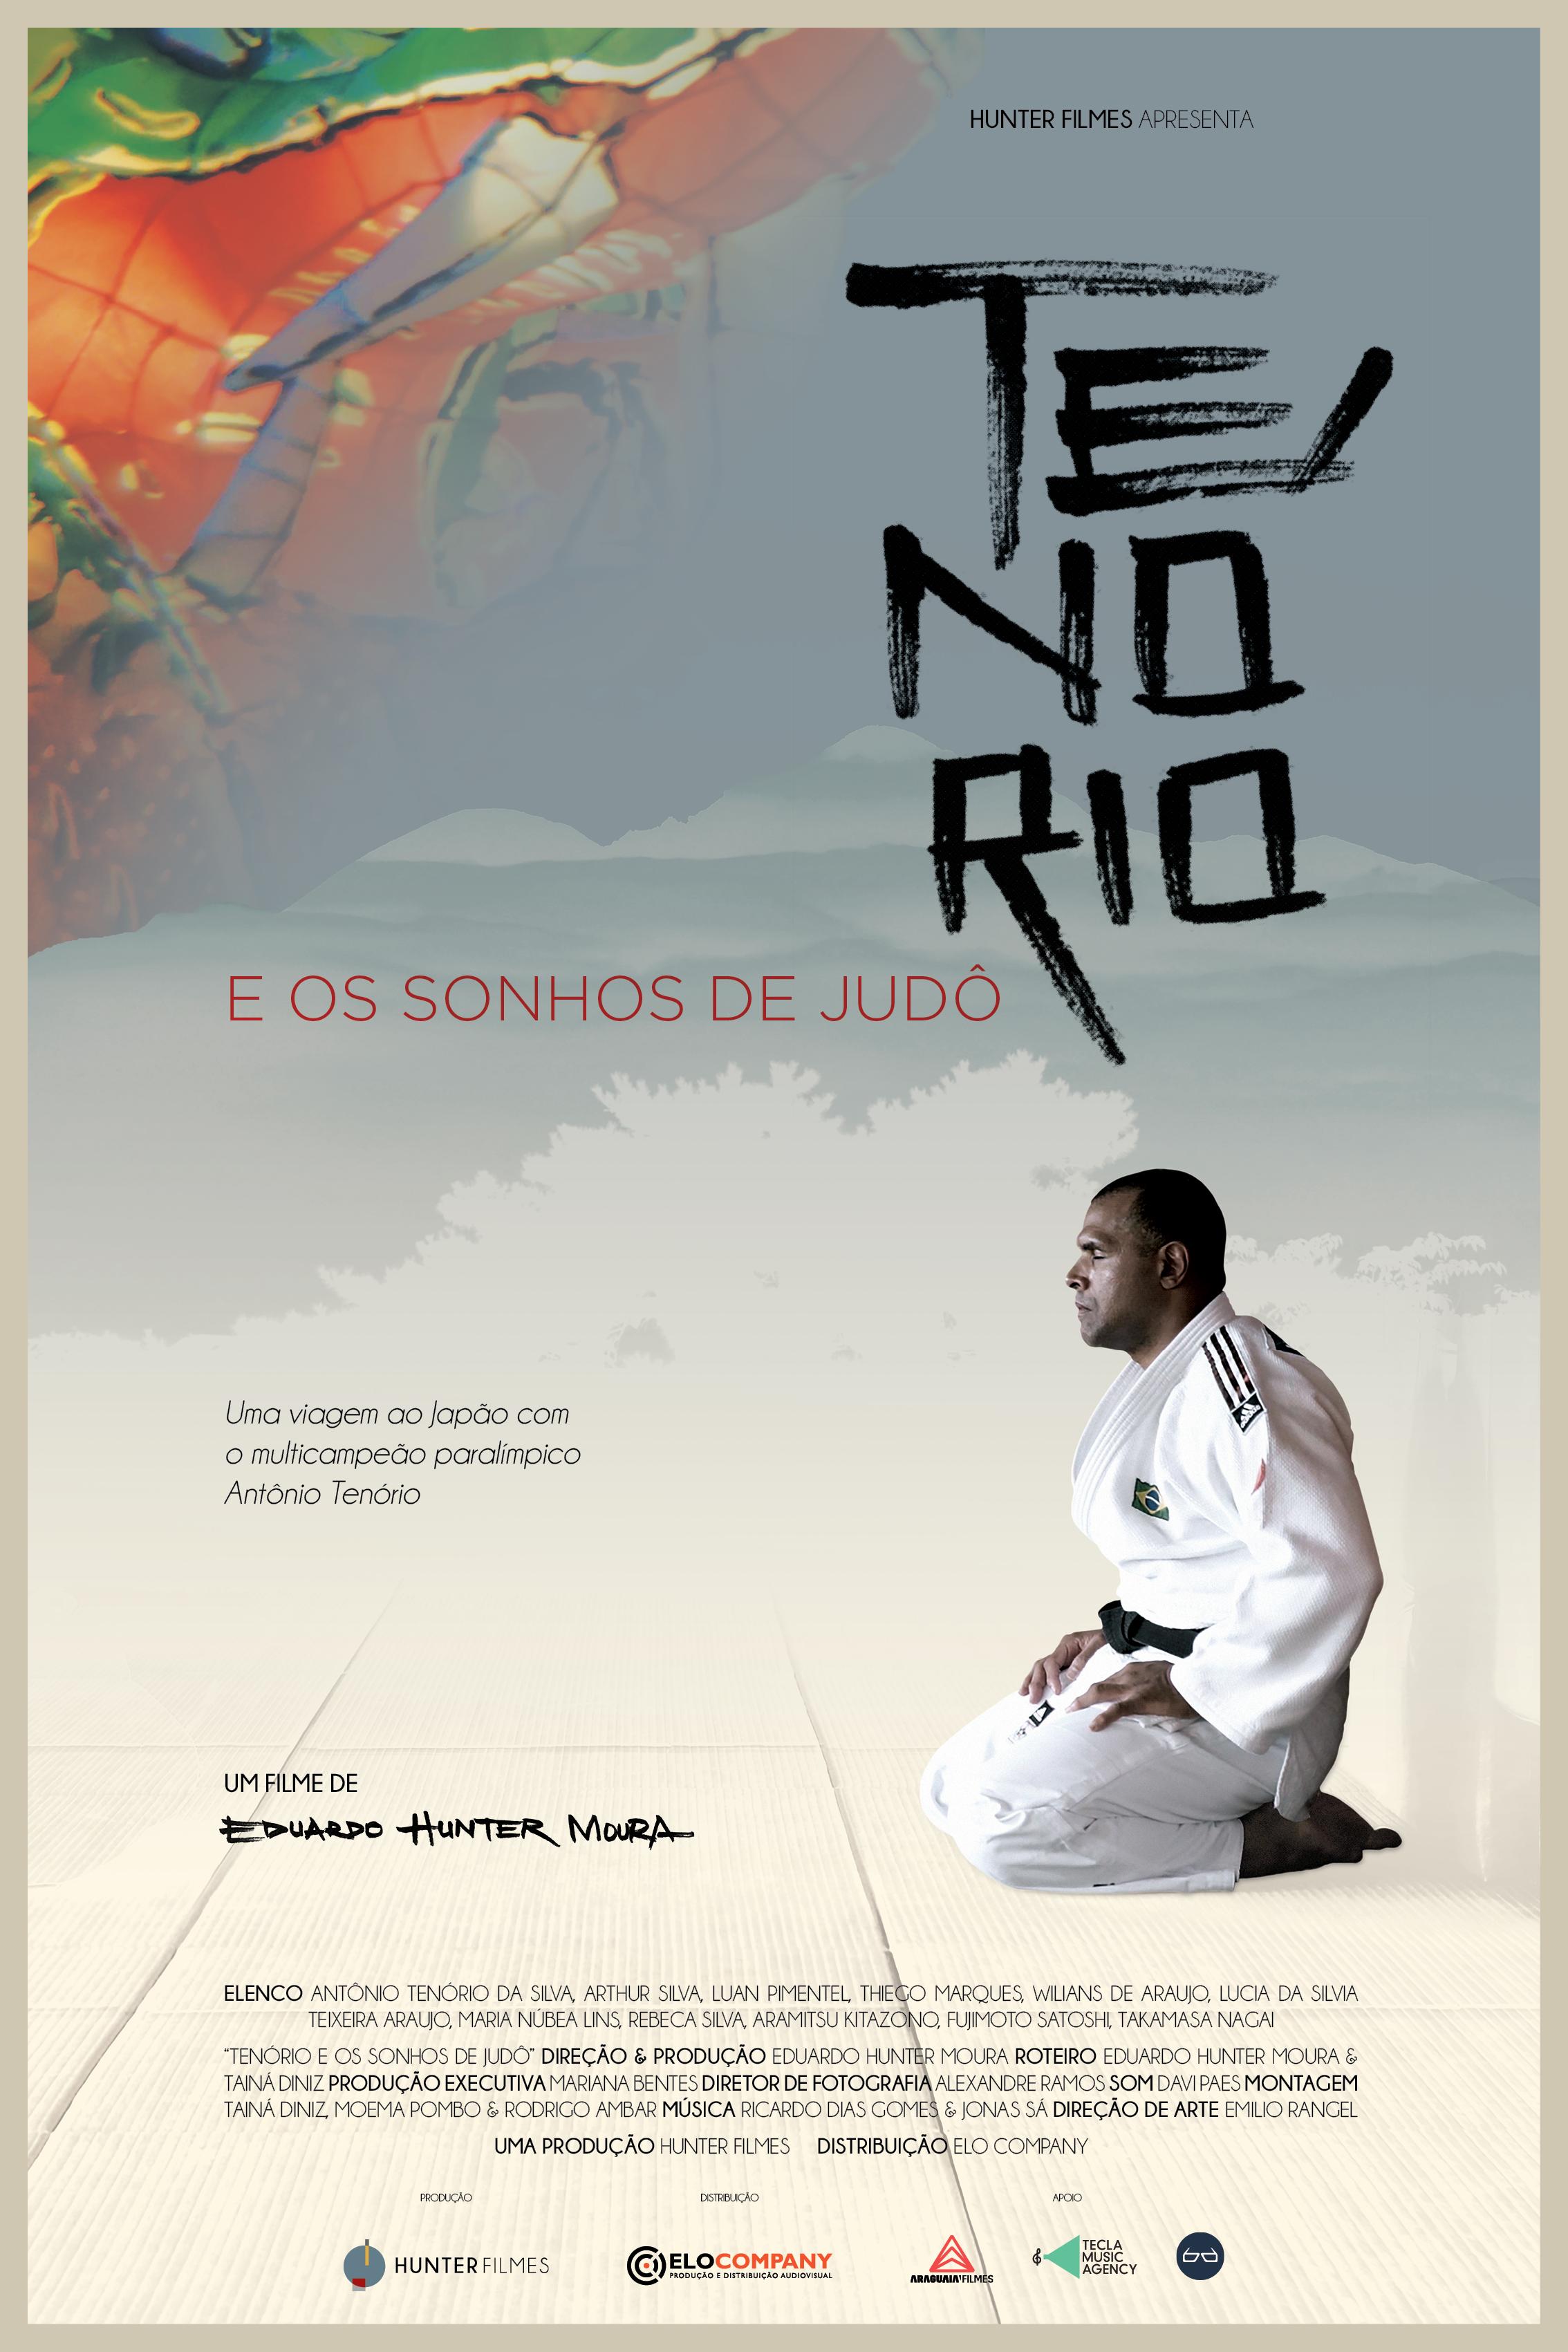 映画「テノリオと柔道の夢」 10月8日から10日の3日間、Youtubeで視聴可能(無料)。